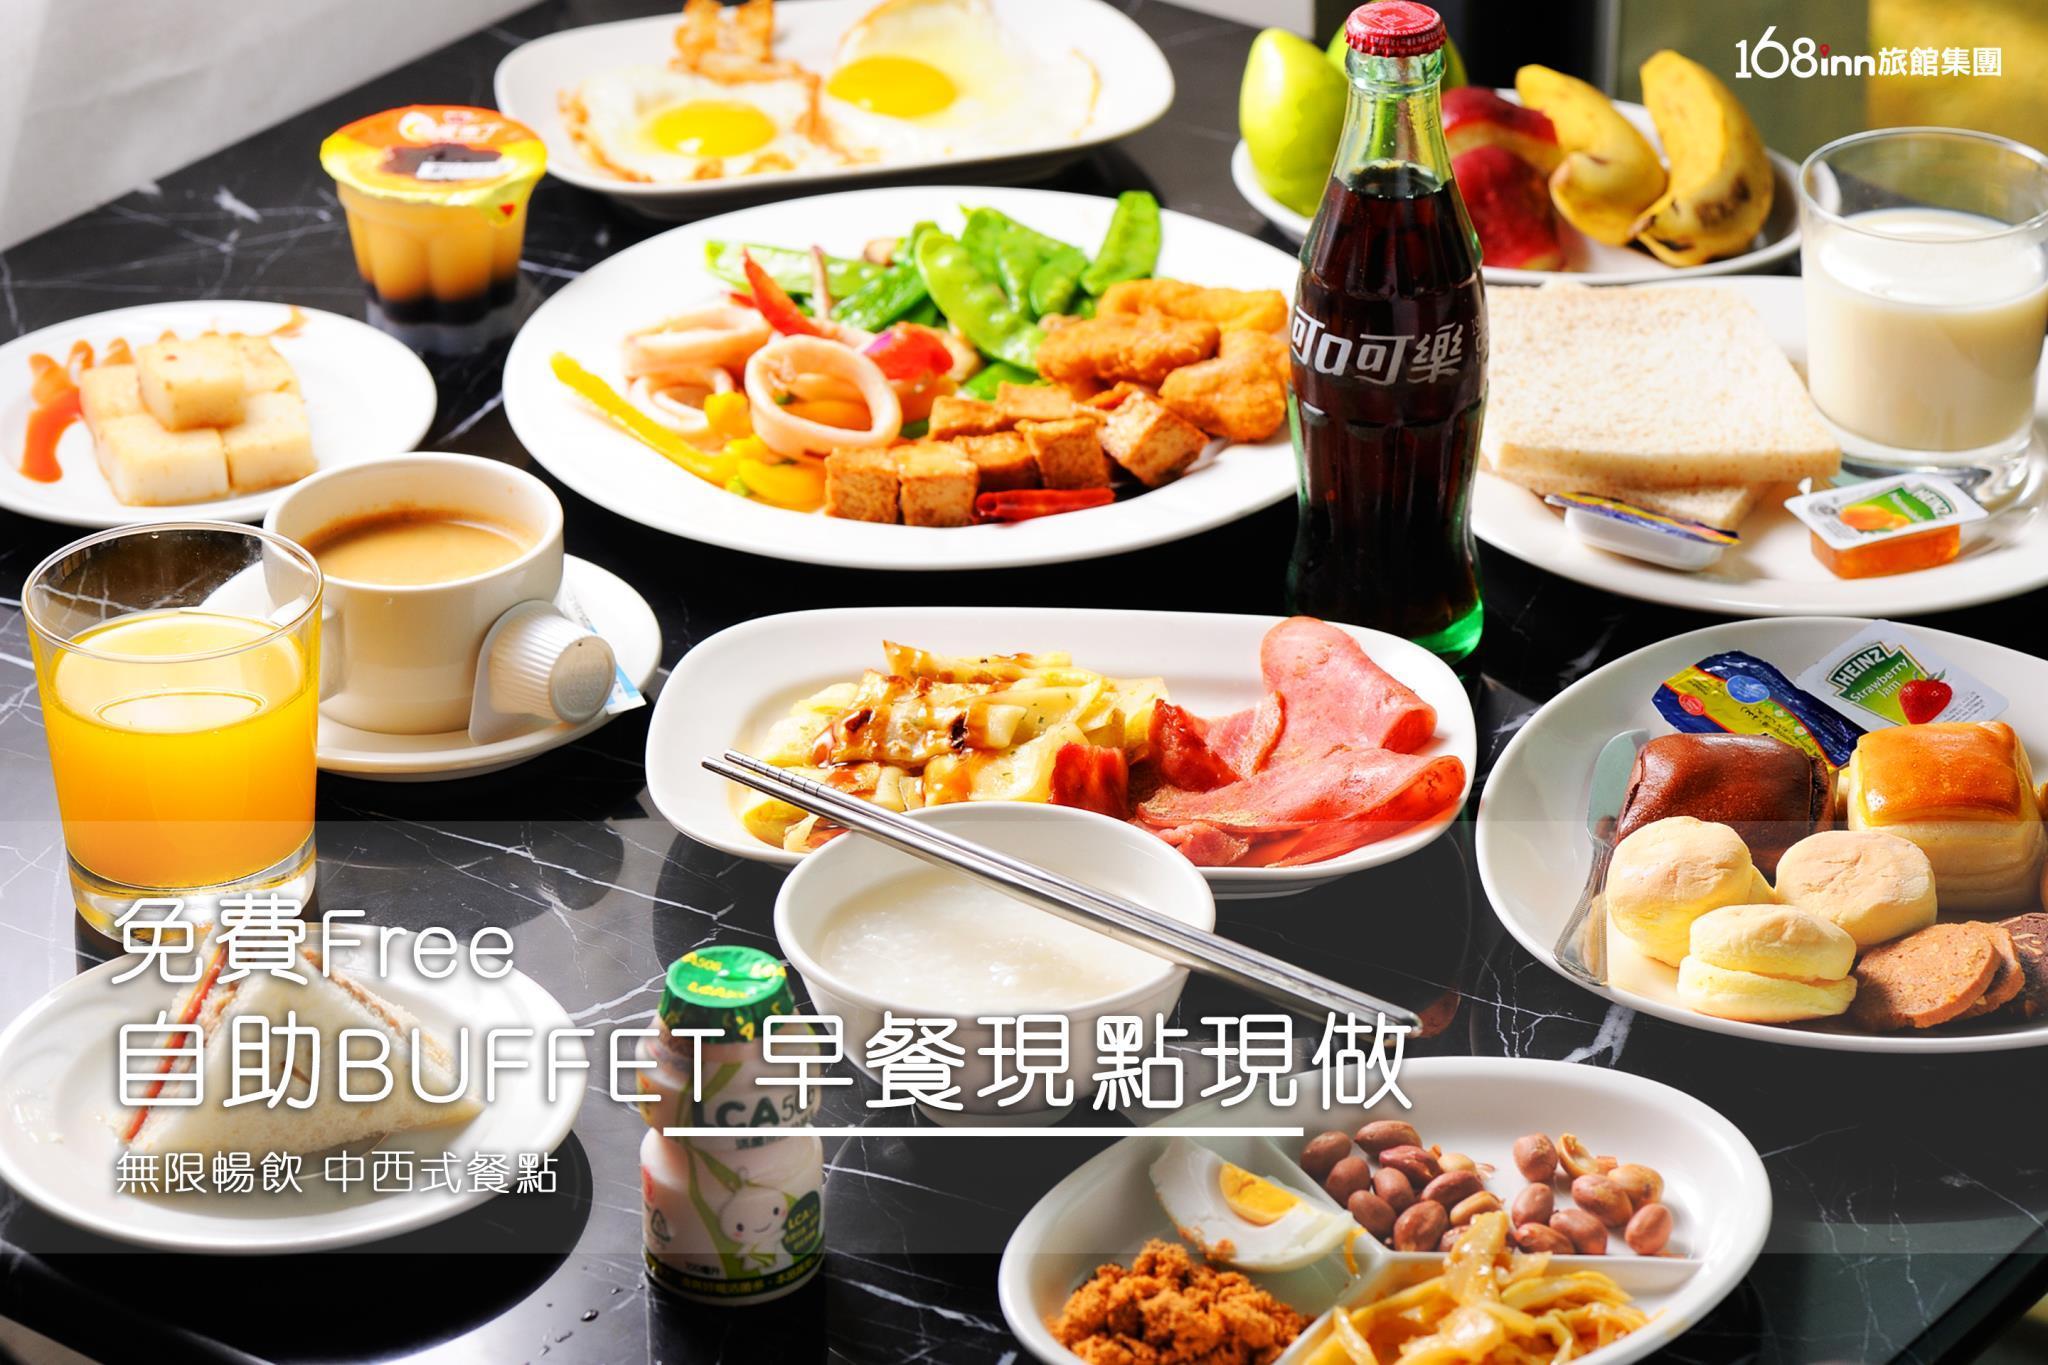 桃園市百老匯中壢館 (Broadway Motel - Zhongli)線上訂房|Agoda.com